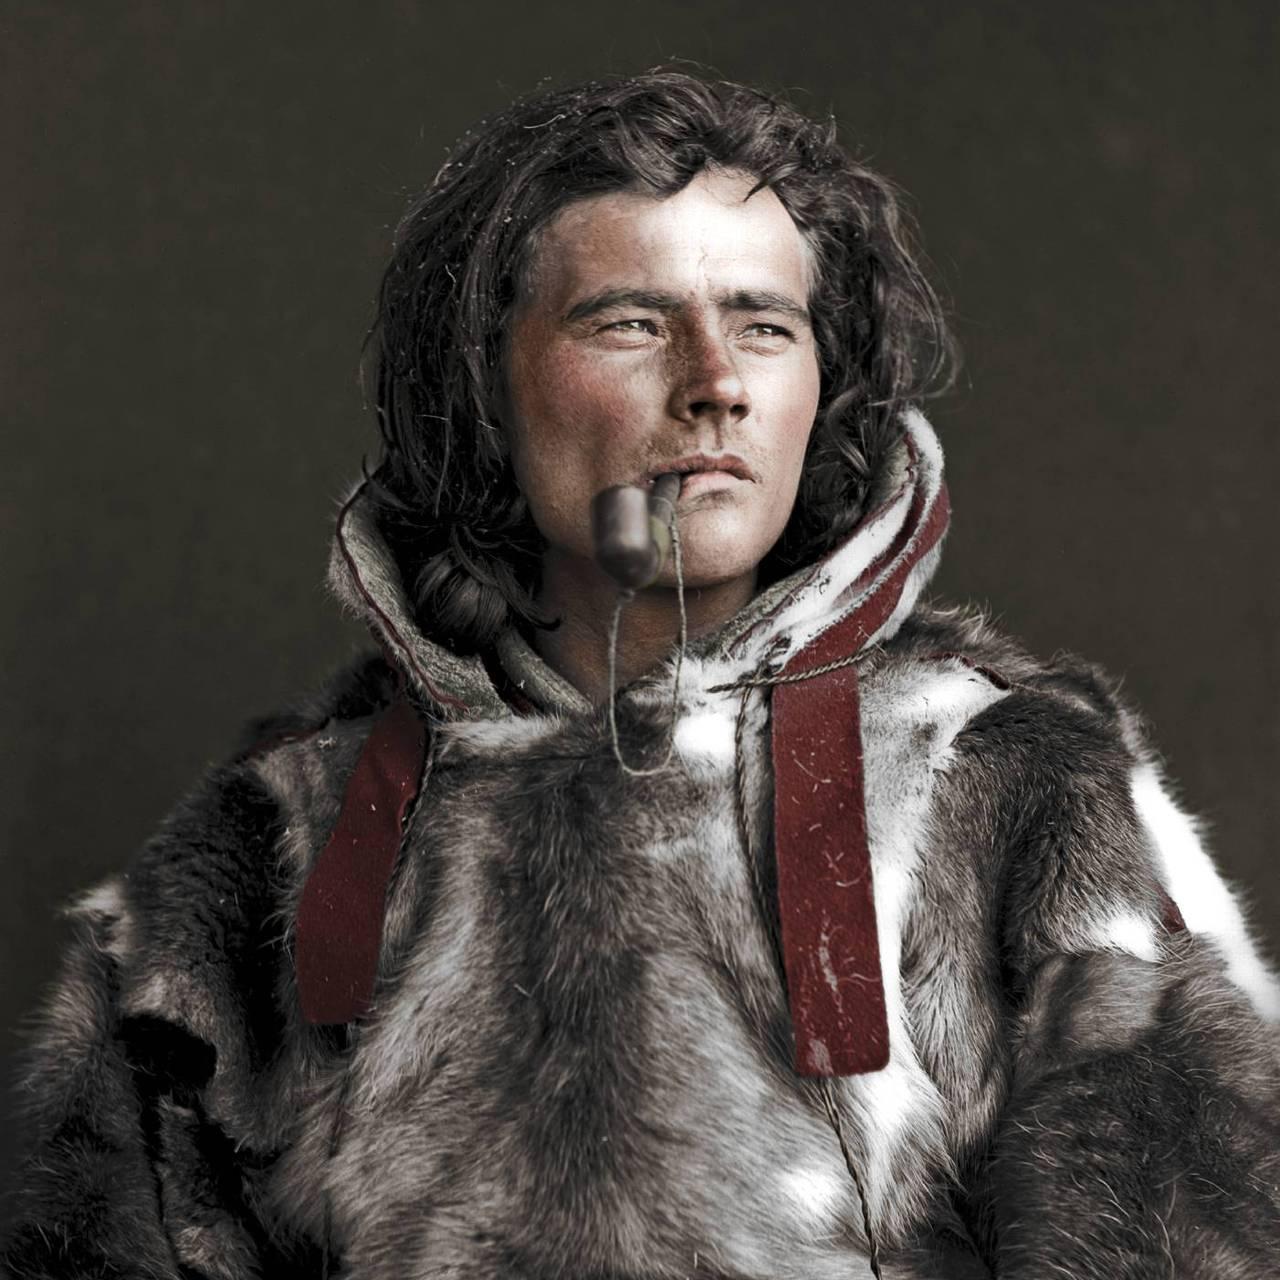 Jose Henriksen Buljo, fotografert av Sophus Tromholt, gjengitt i boken «Folket under nordlyset»/«Álbmot guovssahasa vuolde» av Per Ivar Somby